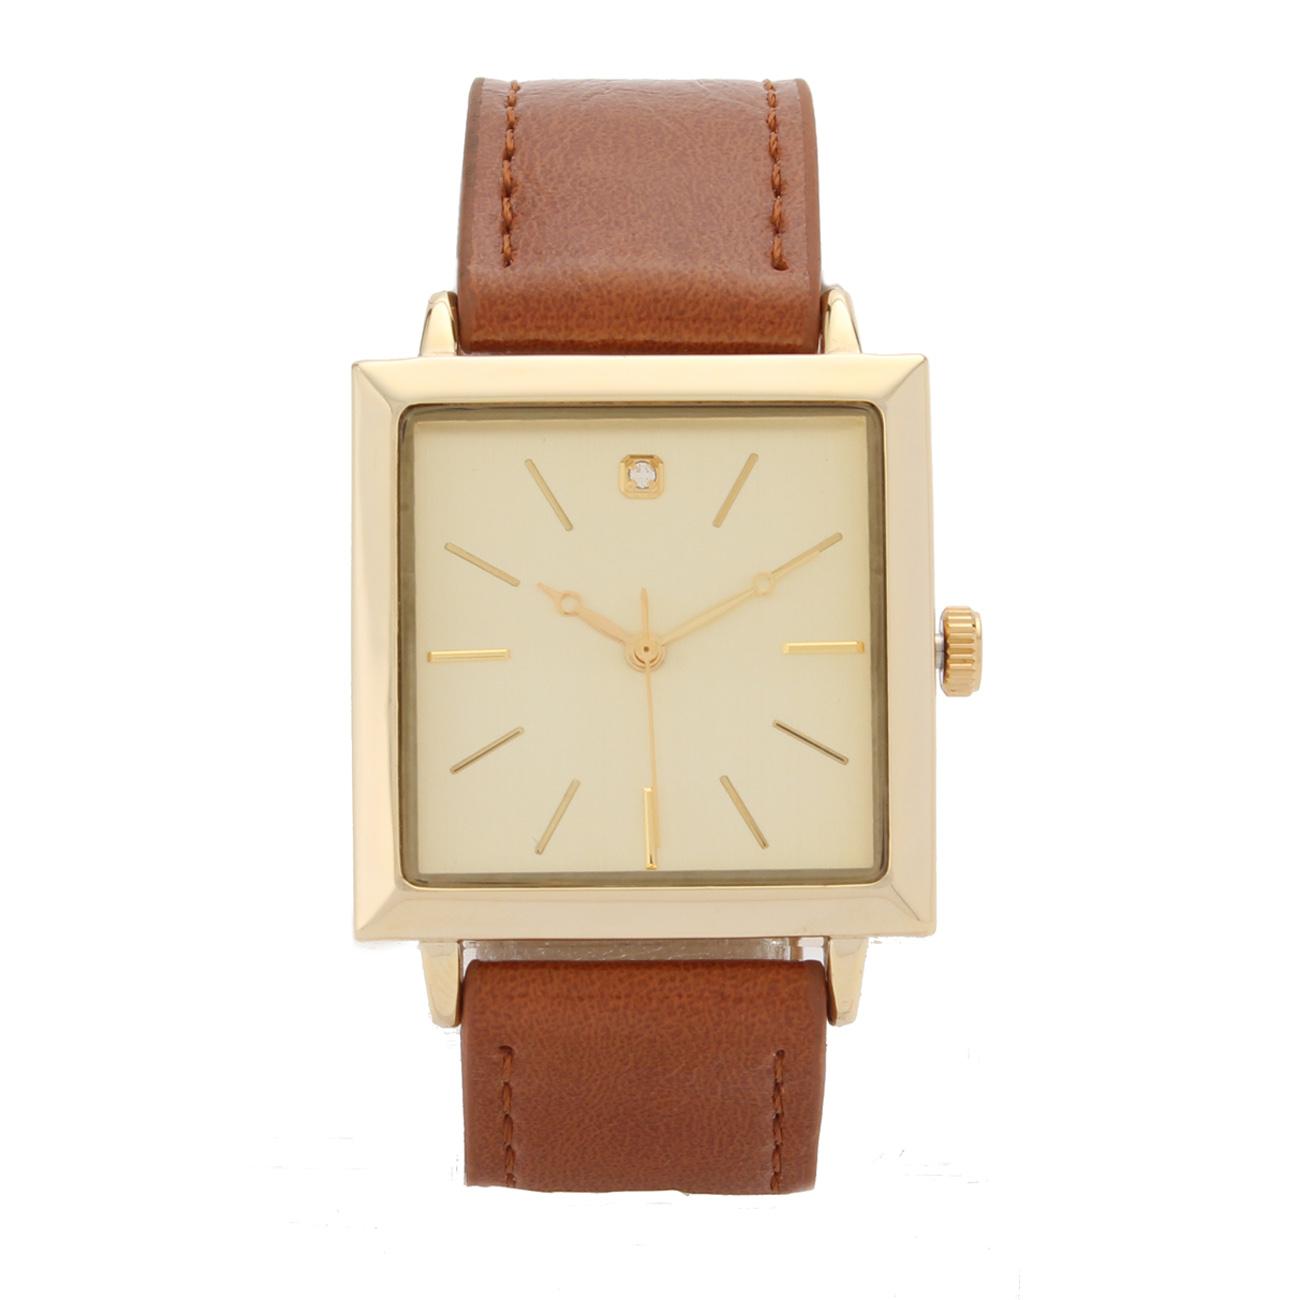 【LOCATION (ロケーション)】スクエアウォッチレディース 雑貨|腕時計 キャメル